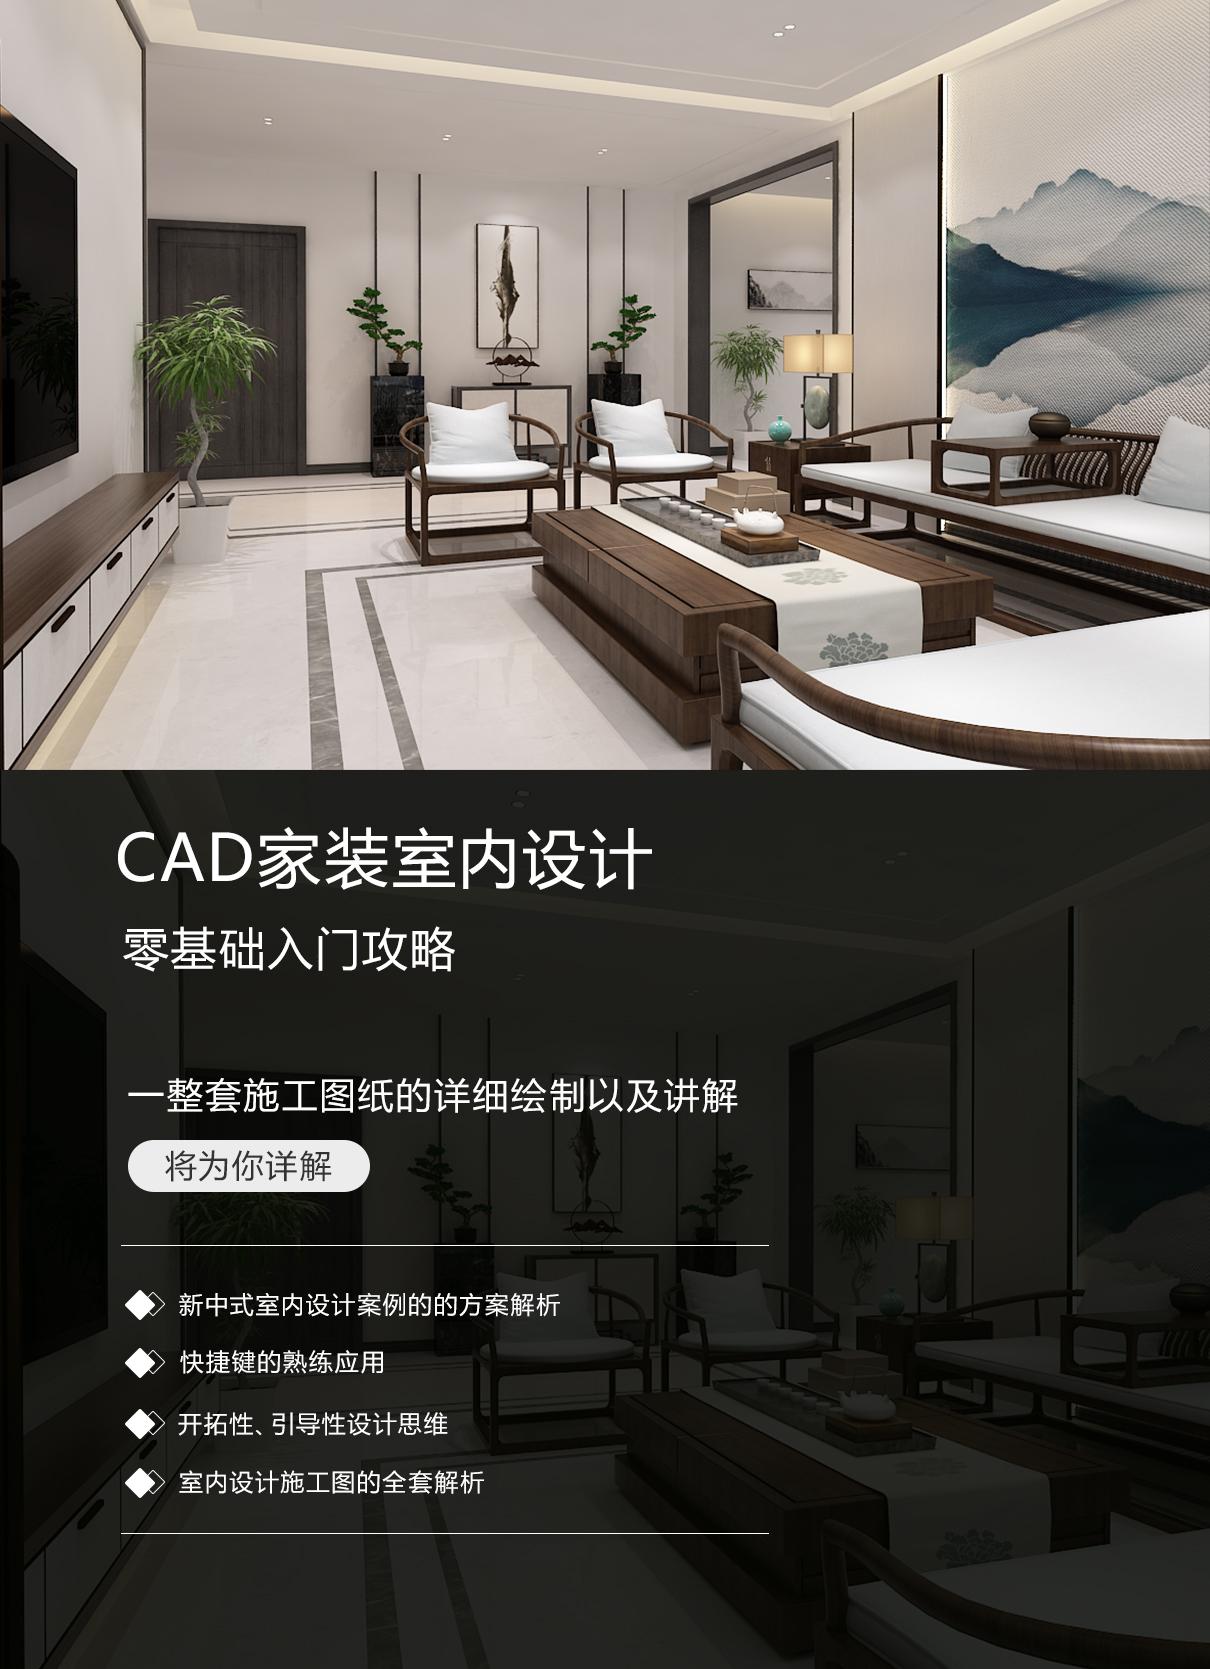 全套室内设计的秘密《CAD歌会施工图绘制》红家装海报设计图片